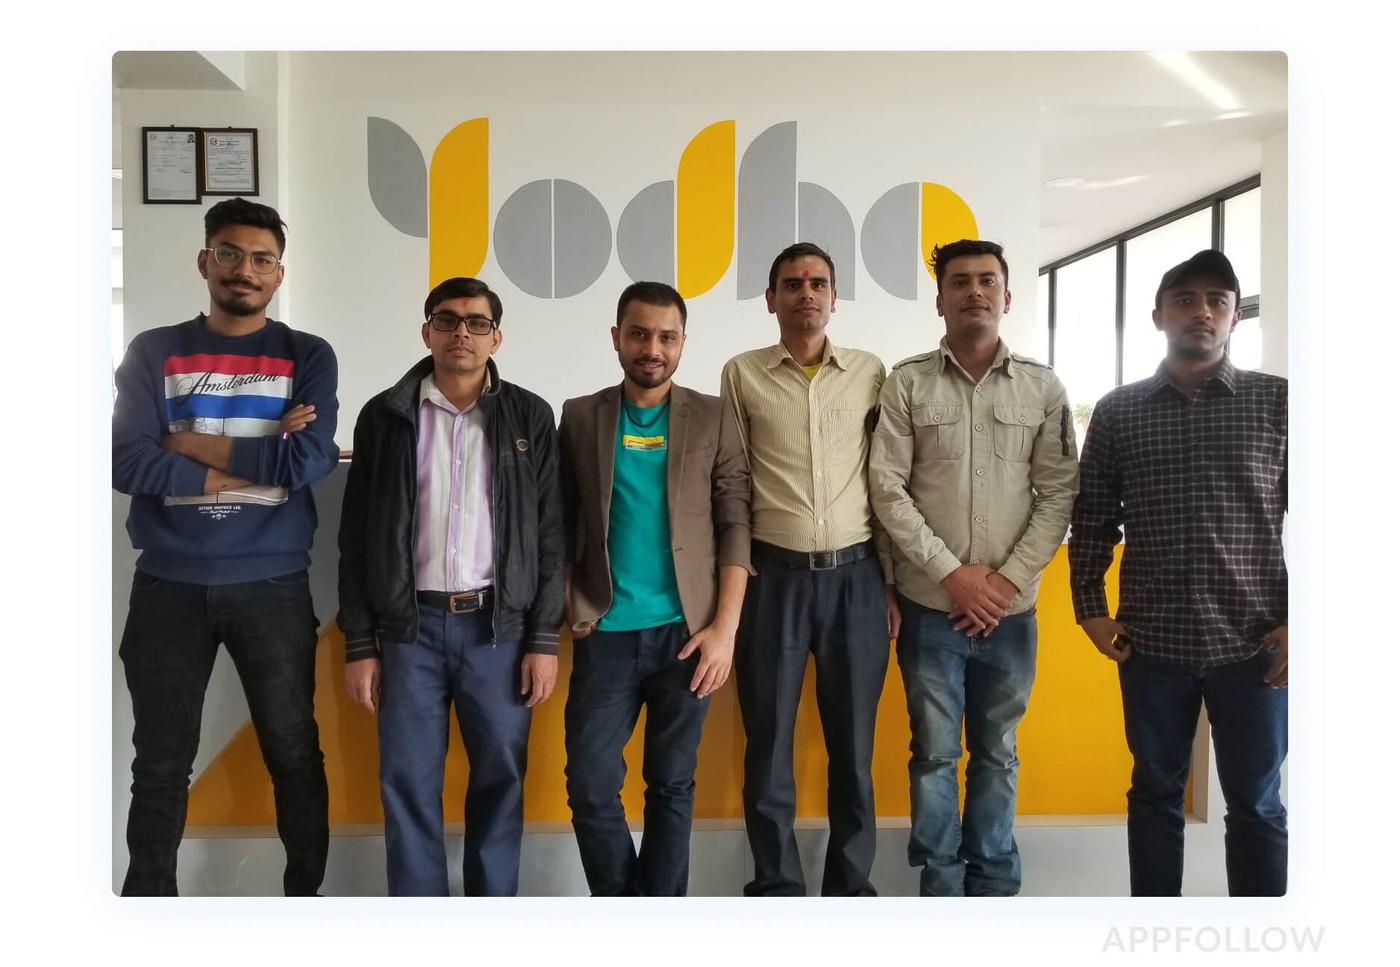 Yodha team pic